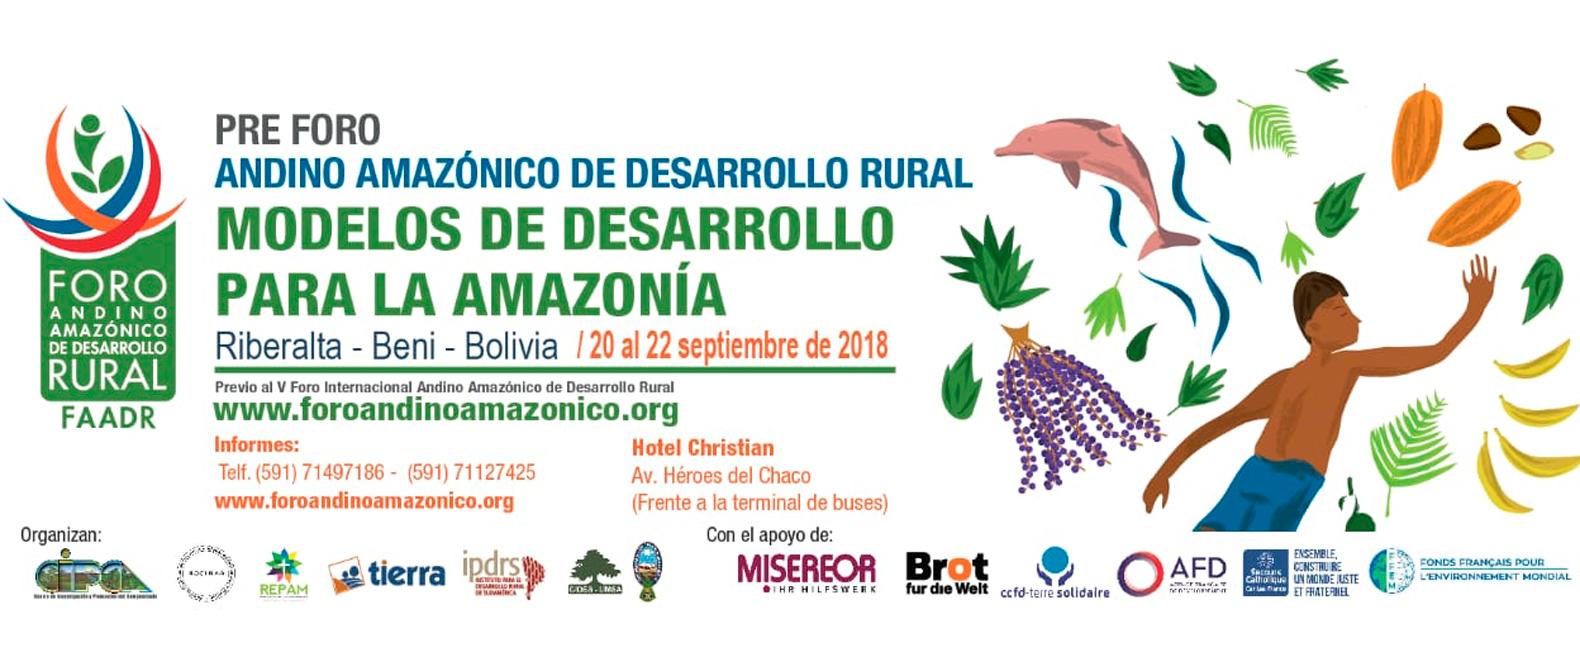 PRE FORO ANDINO AMAZÓNICO DE DESARROLLO RURAL